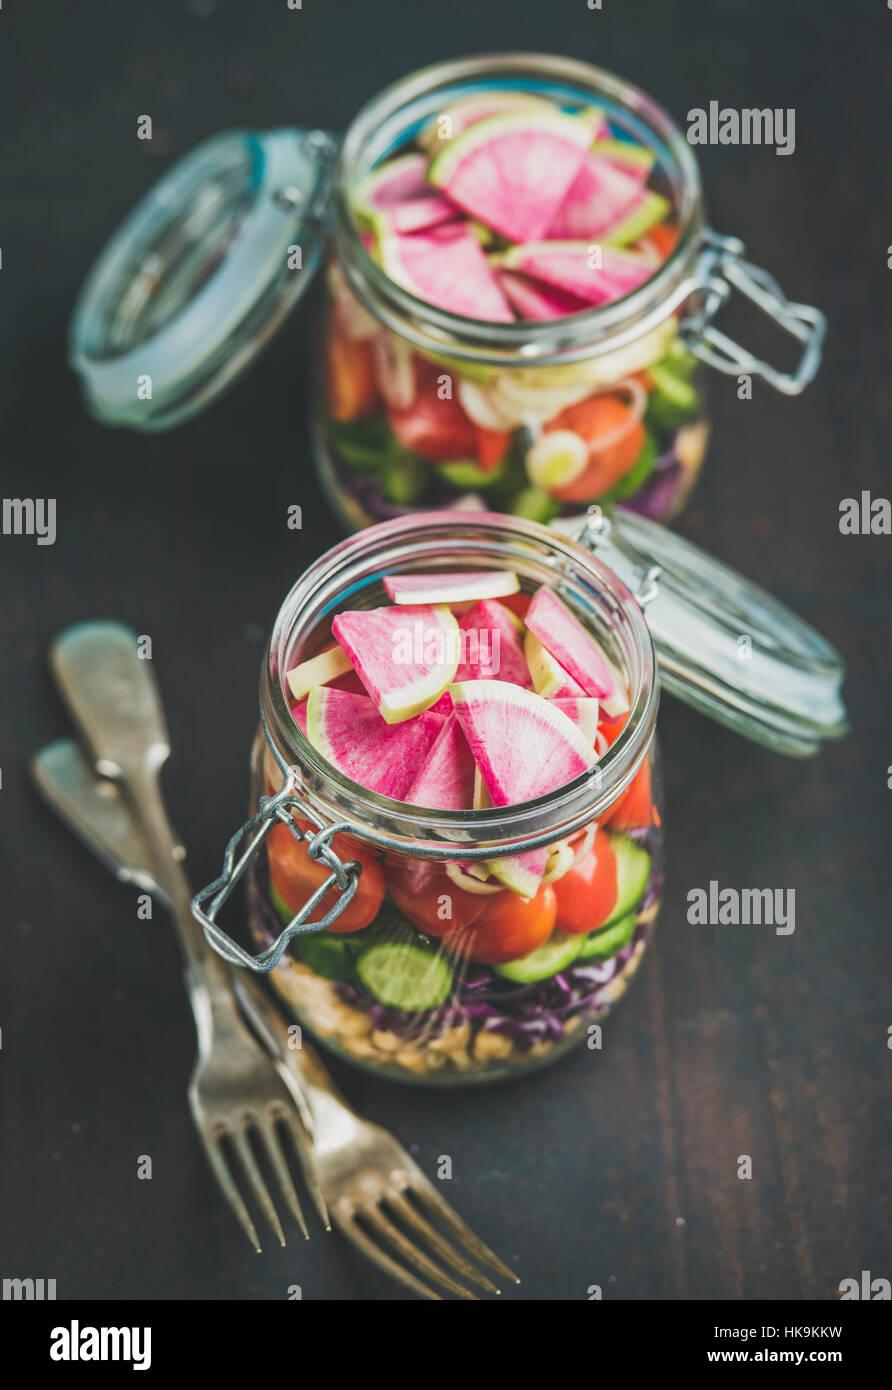 Déjeuner à emporter en bonne santé. Les légumes et les germes de pois chiches salade végétalienne Photo Stock